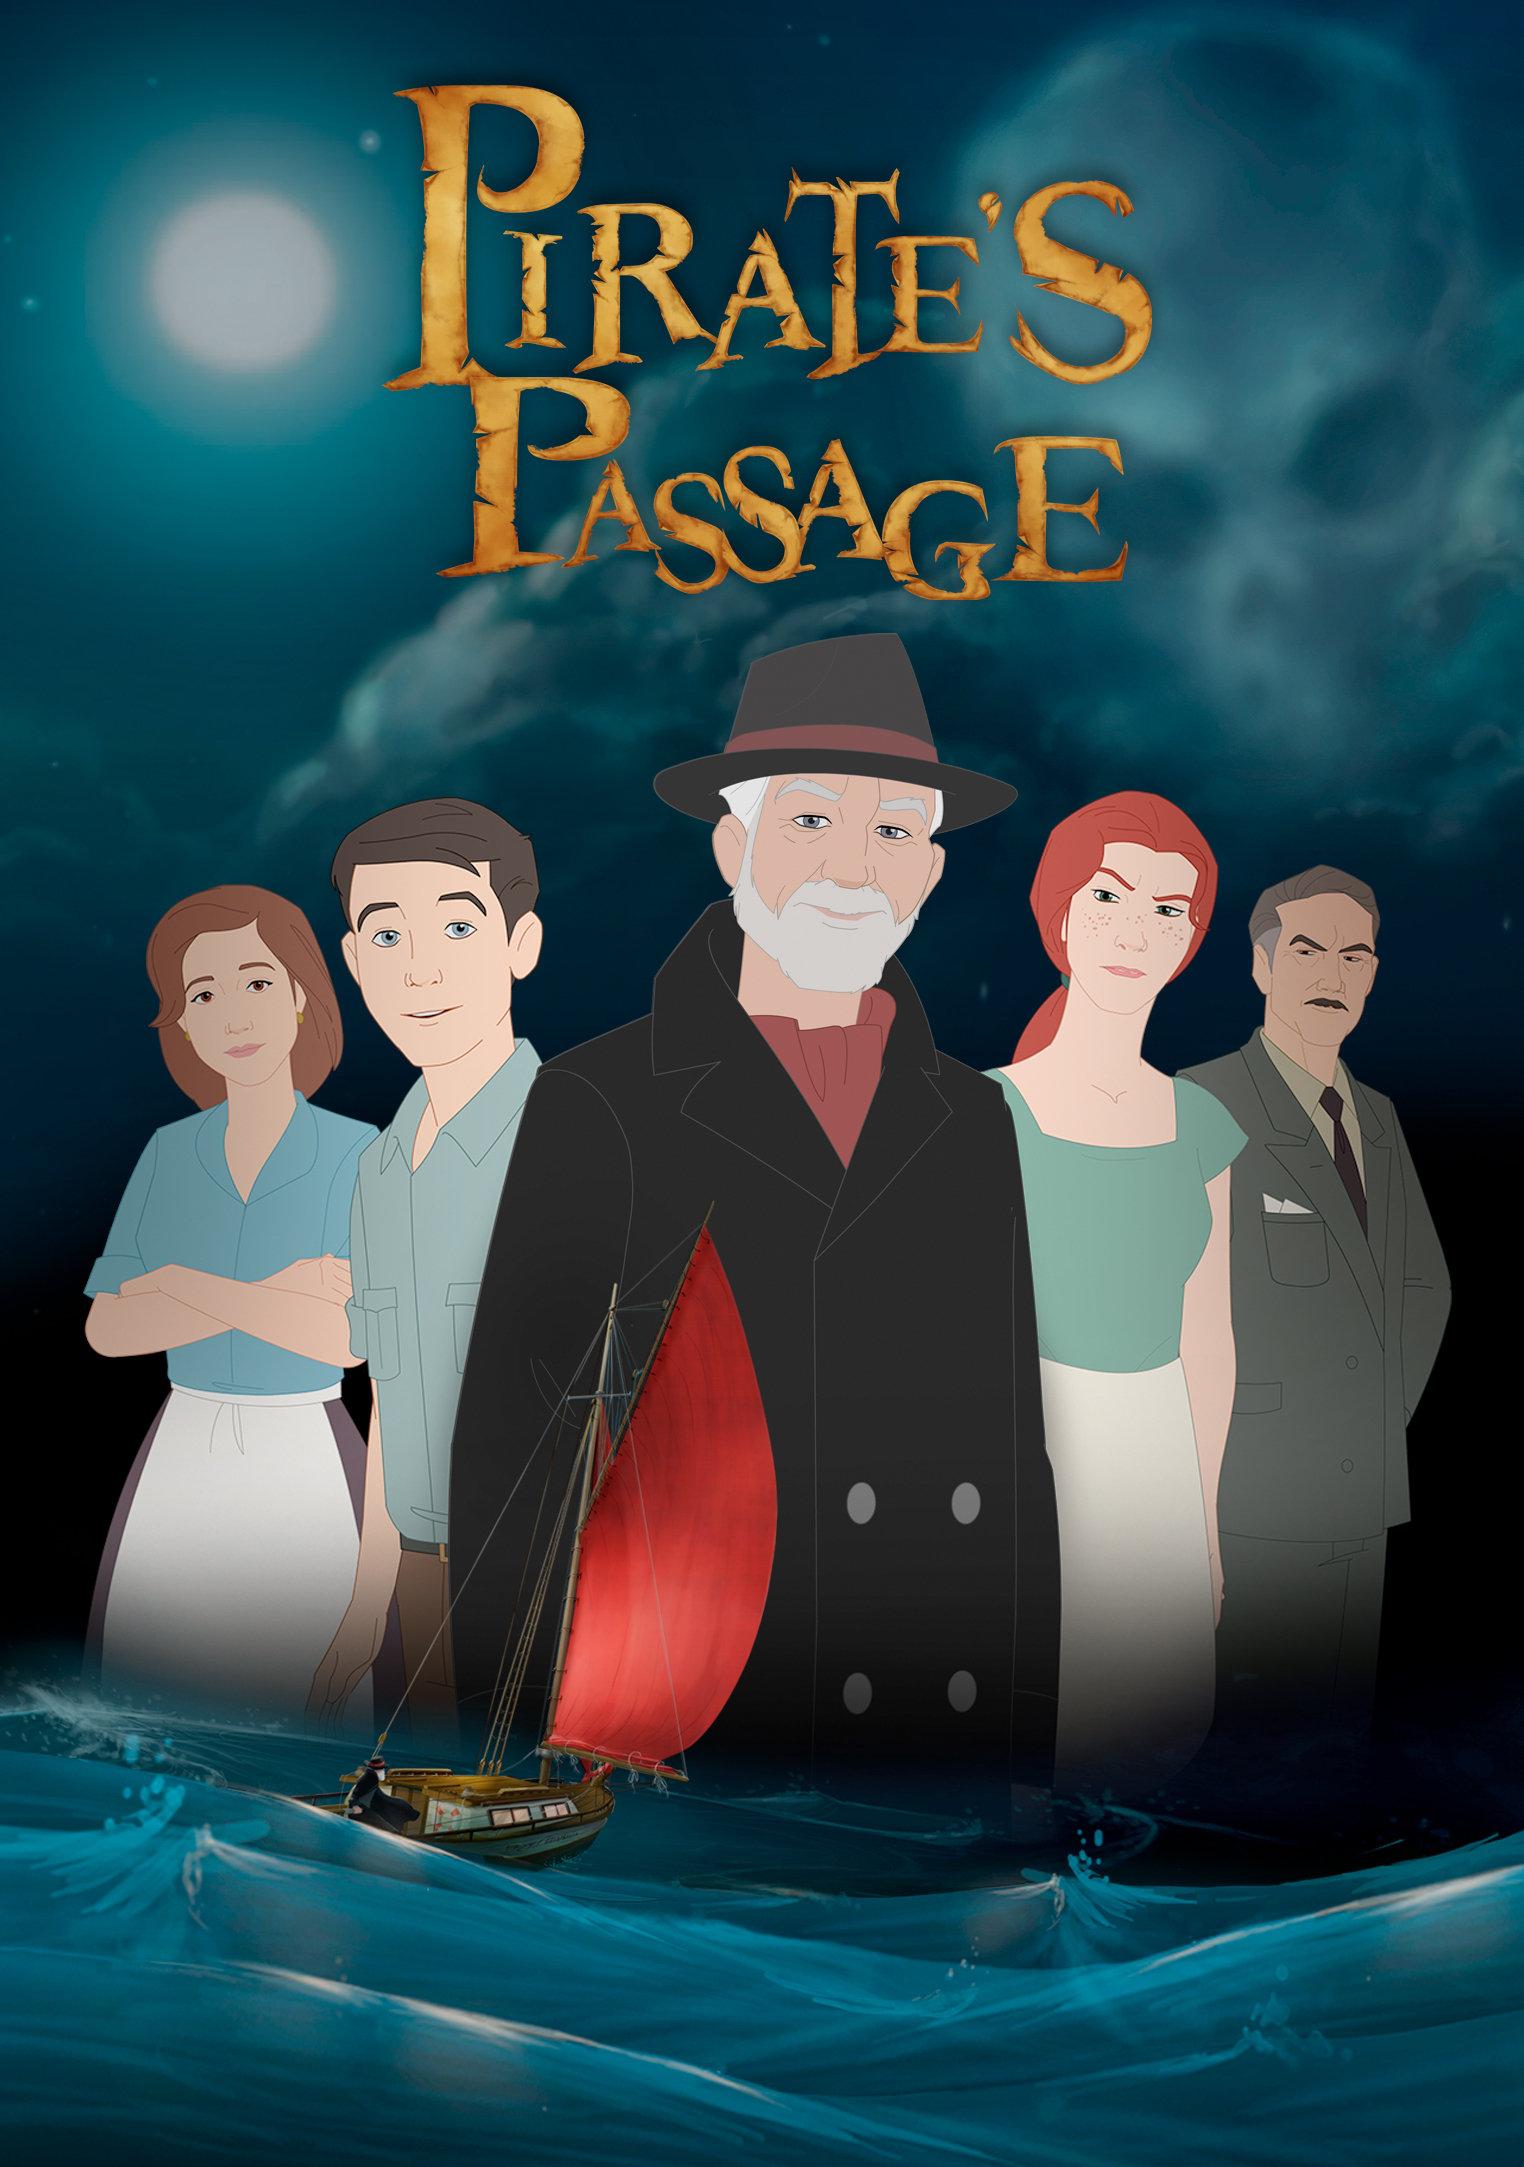 მეკობრის მსვლელობა / Pirate's Passage